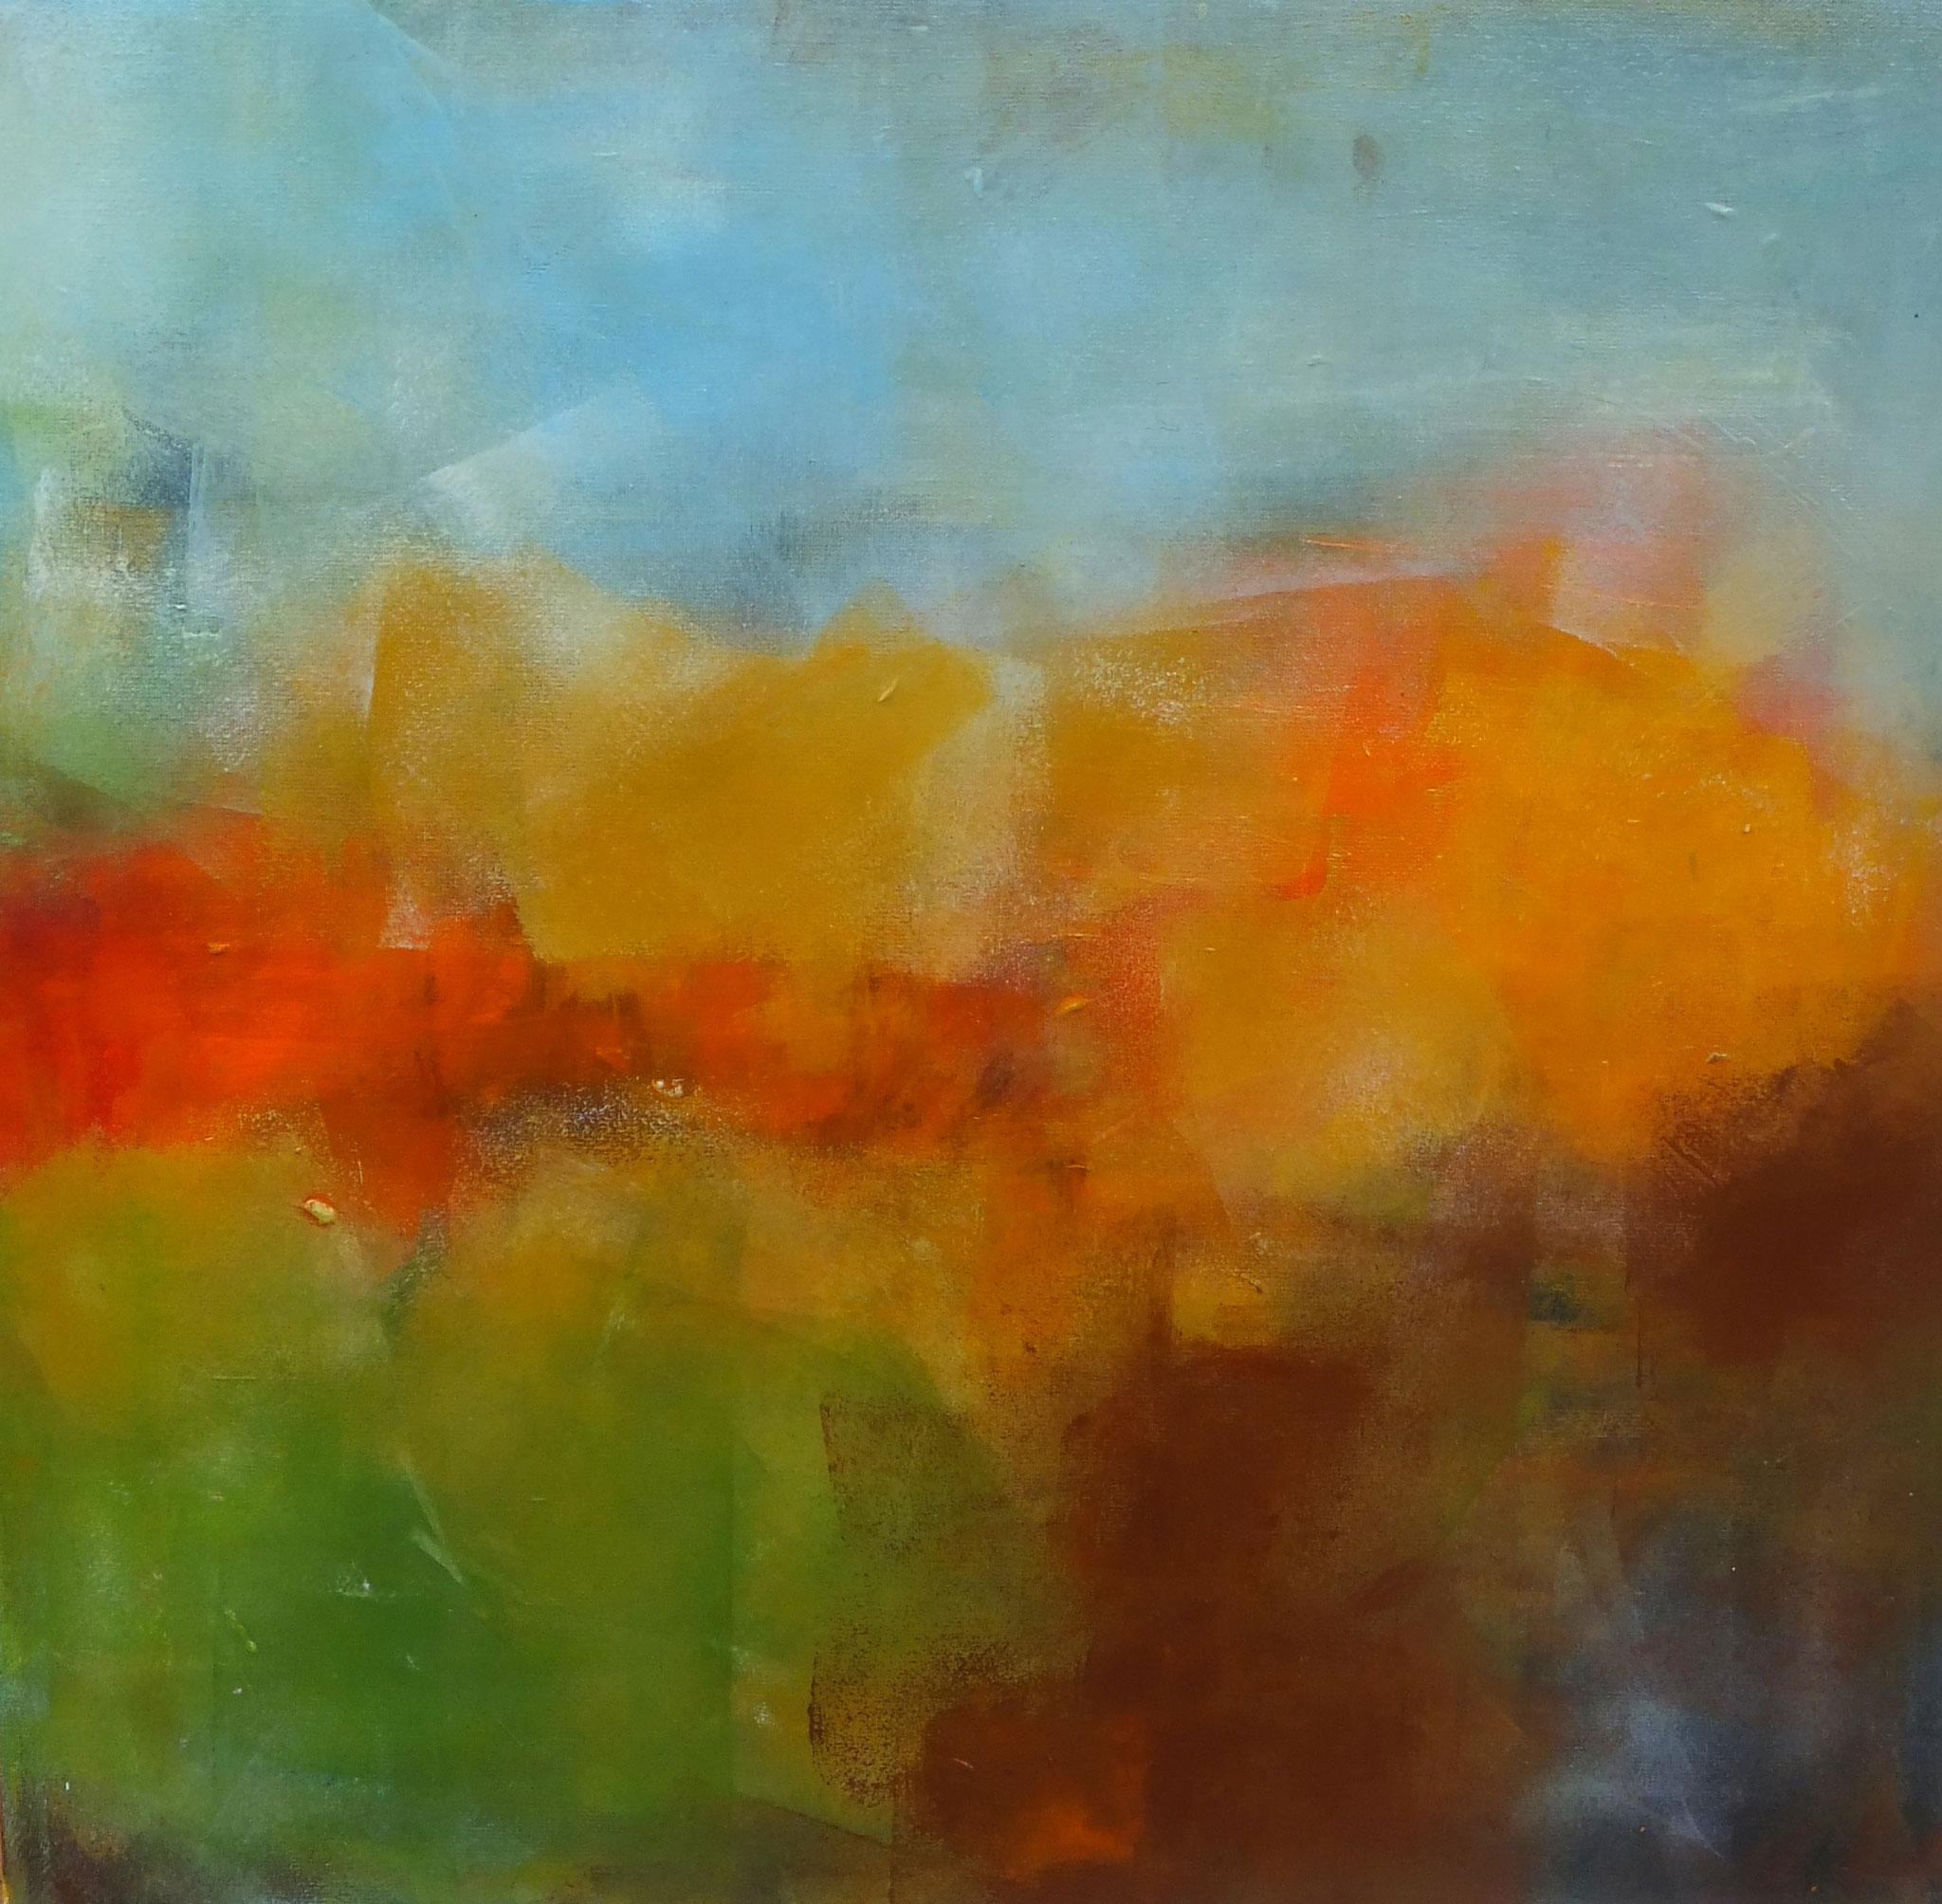 Bildtitel: Herbstfarben - Herbst 40 x 40 cm Acryl auf Leinwand  (Vier Jahreszeiten)